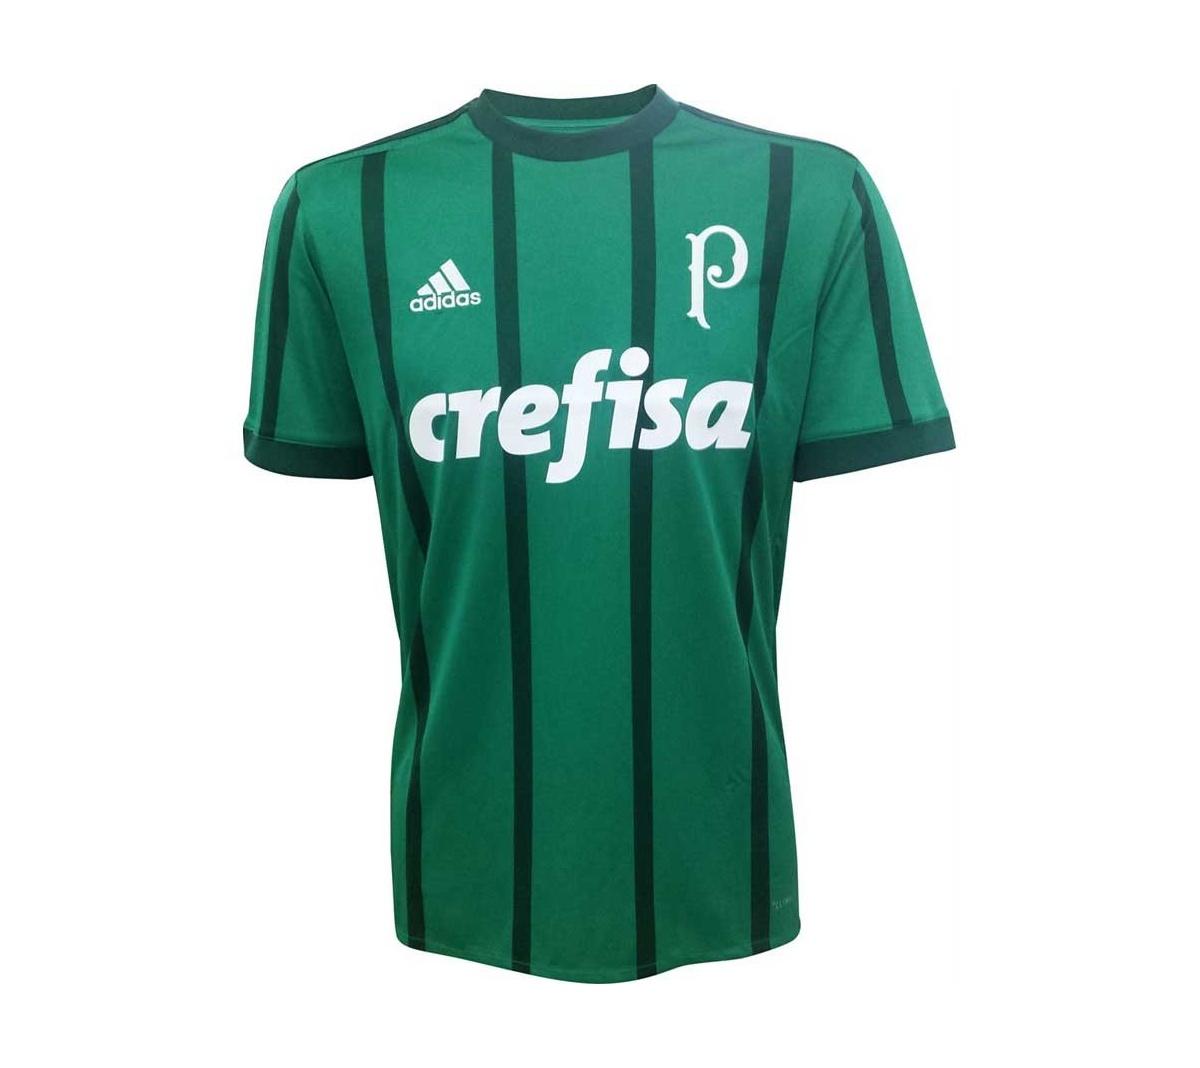 Camisa Palmeiras I Adidas 2017/18